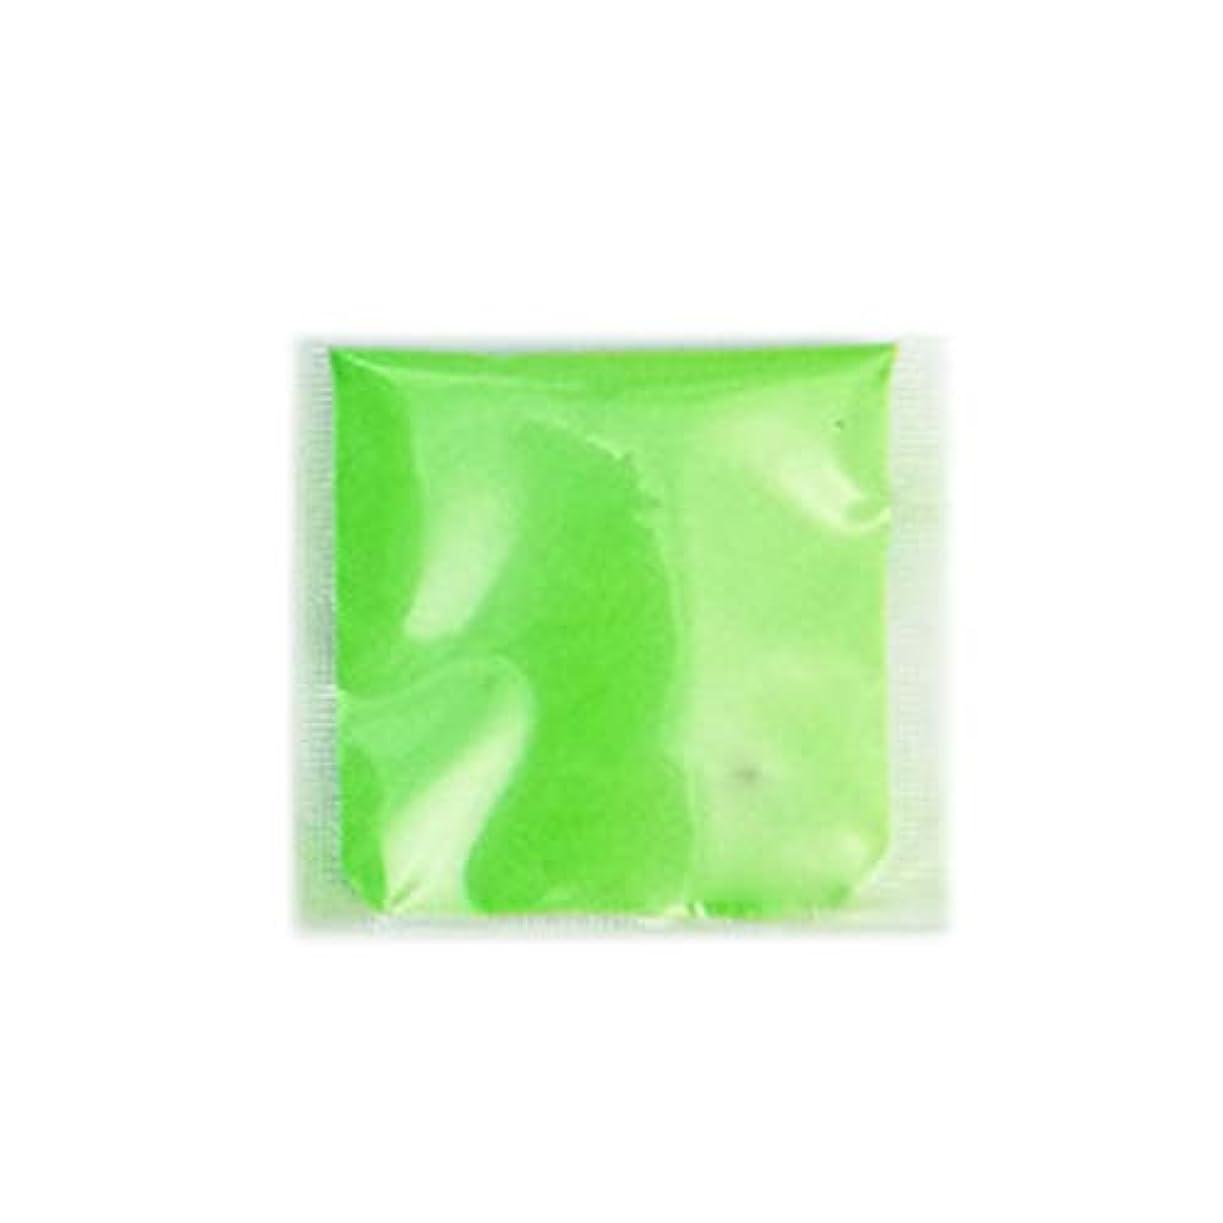 寝る魅了する調和のとれたslQinjiansavネイルアート&ツール修復ツール10g浸漬顔料パウダーマニキュア蛍光グリッターダストDIYネイルアート装飾 - アップルグリーン